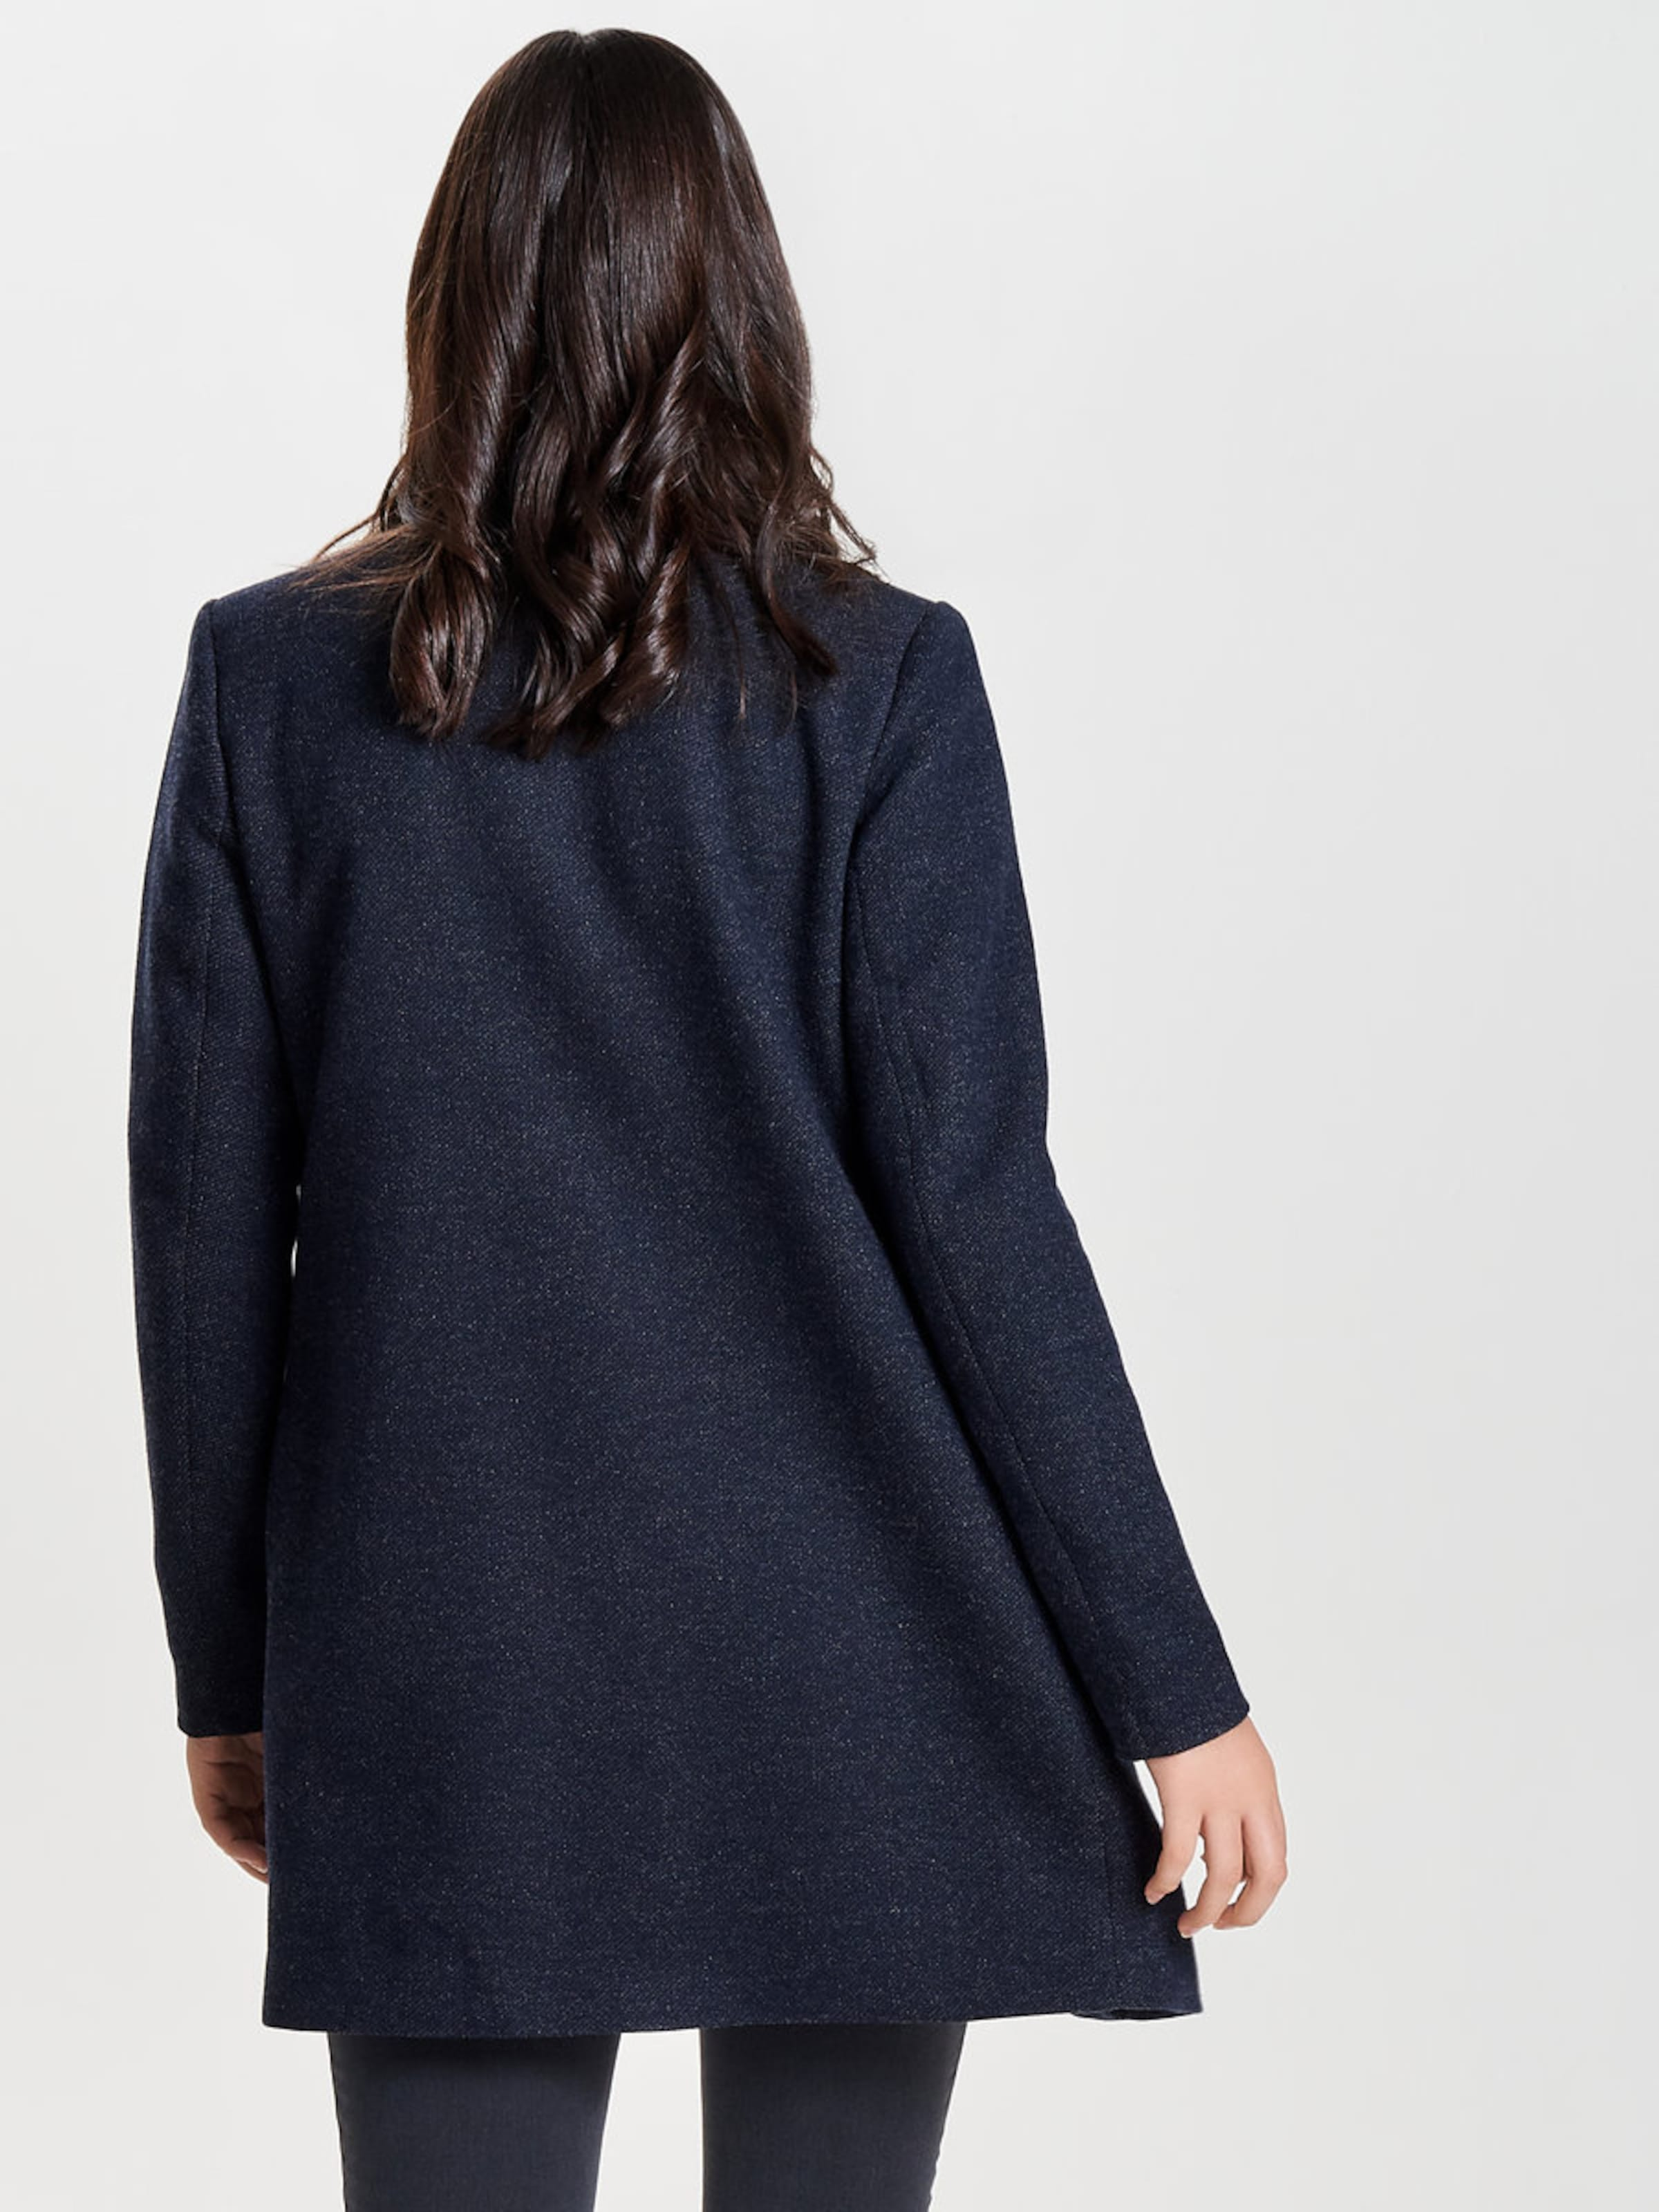 ONLY Damen Mantel SOHO blau | 05713731074602